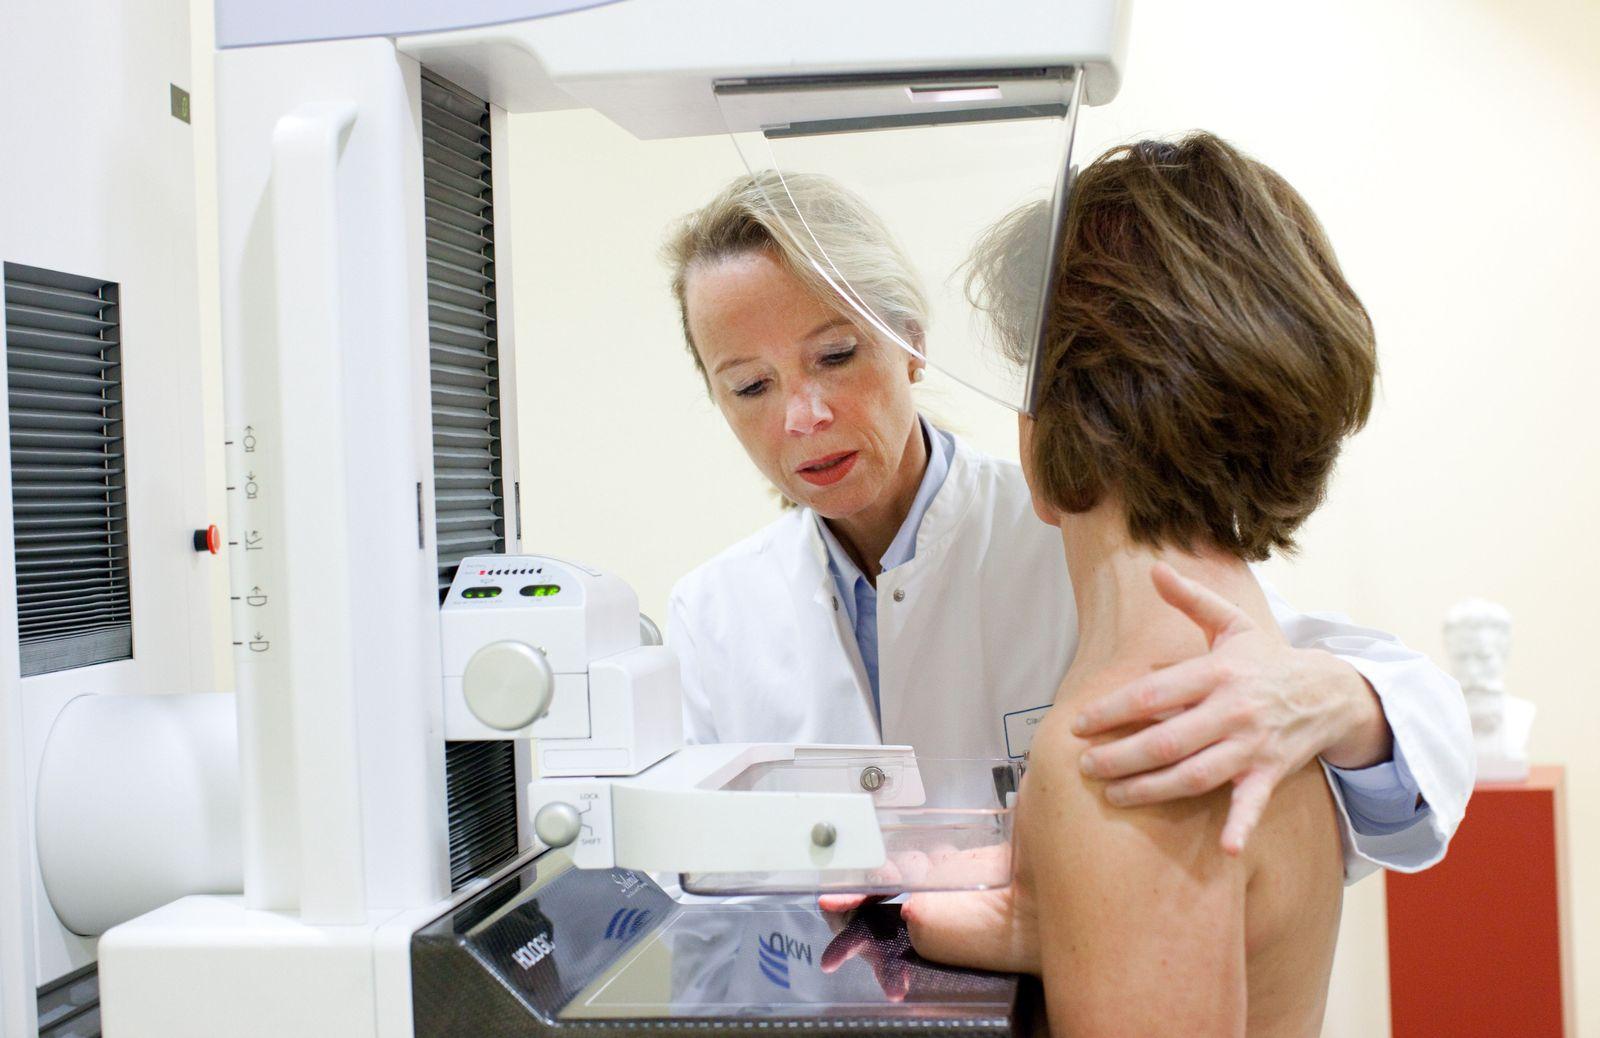 Mammographie / Radiologie / Krebsvorsorge